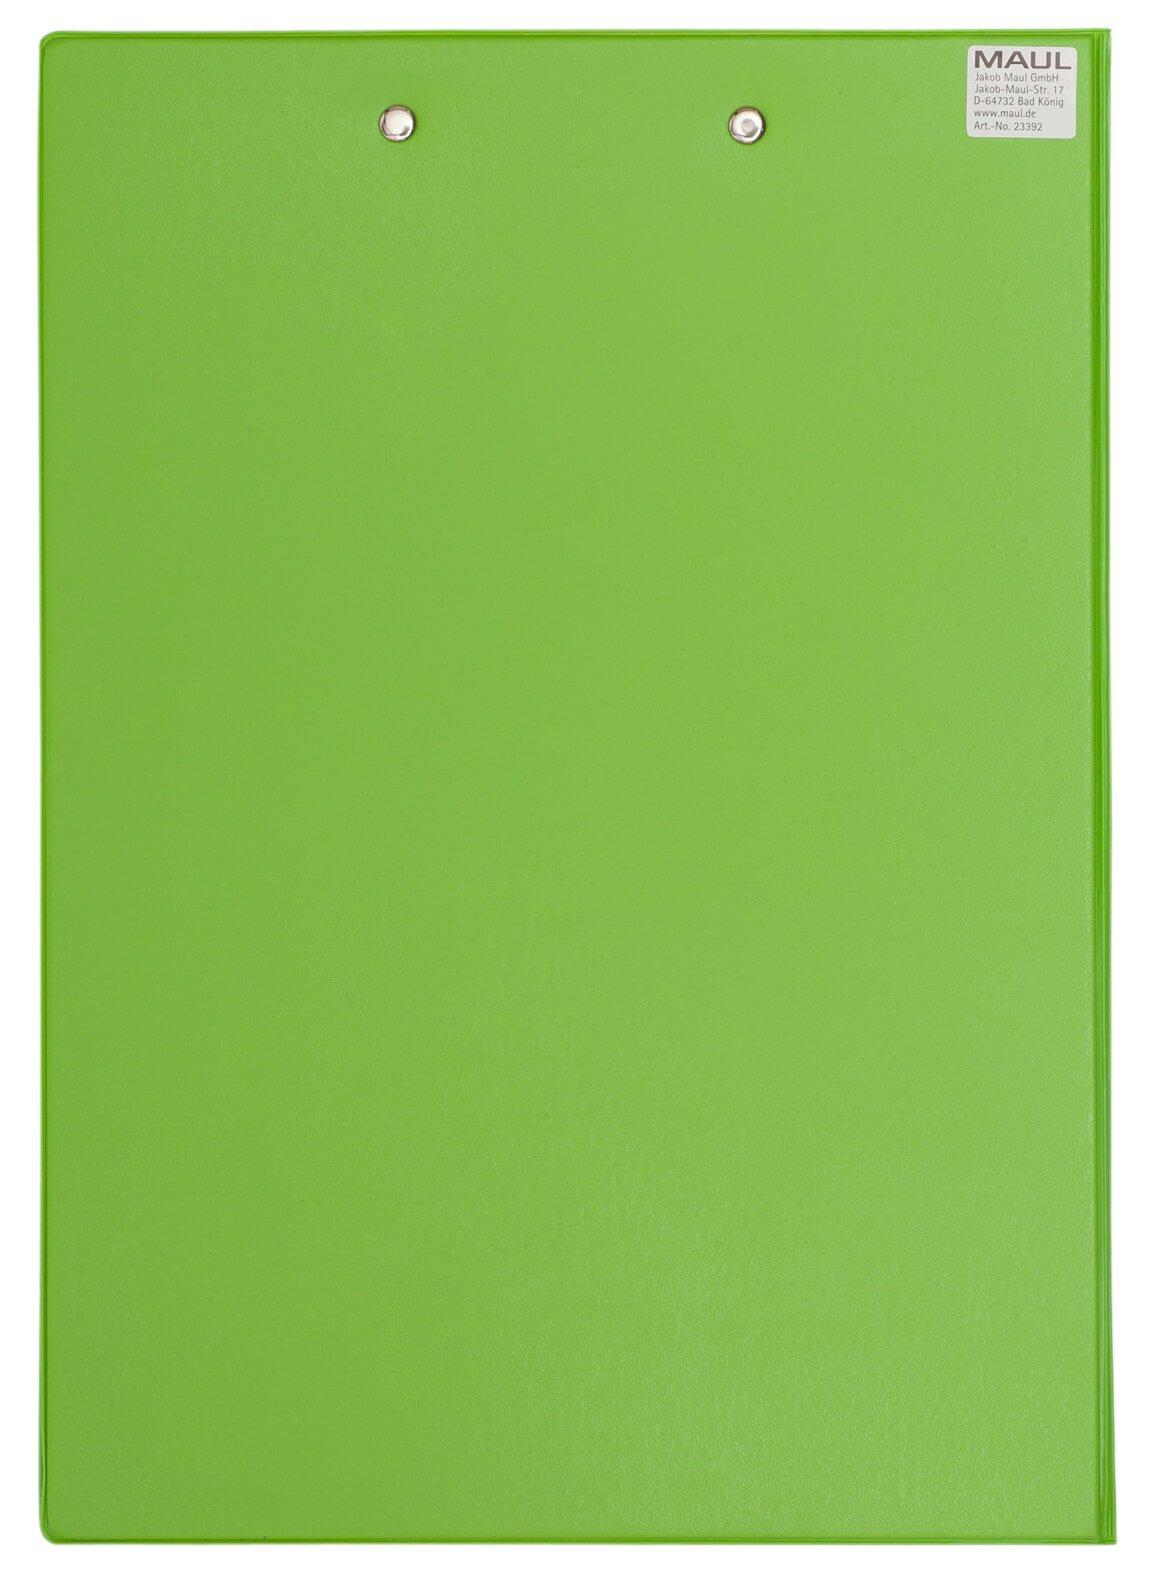 A4 Schreibmappe mit Folien- überzug, hellgrün